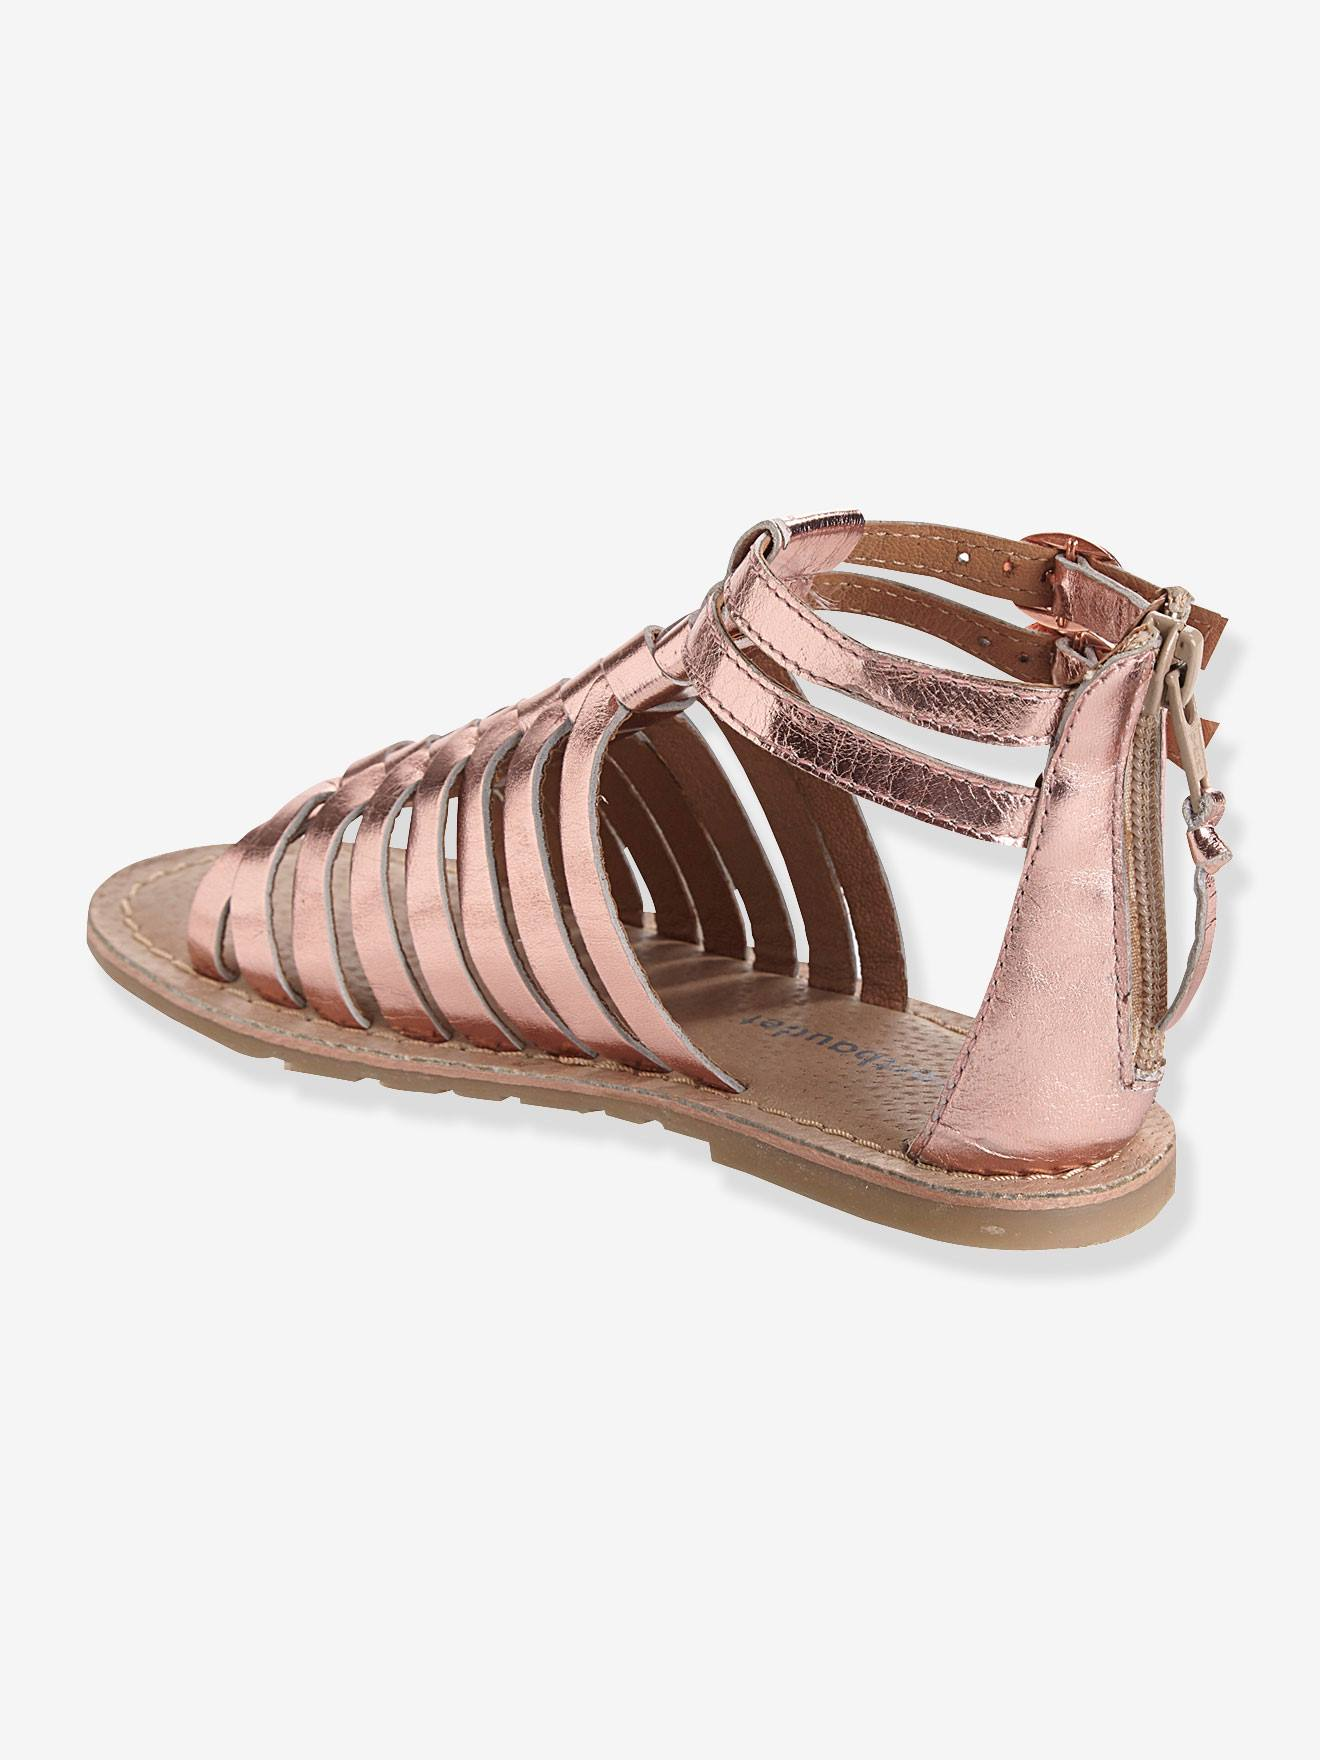 Sandalen für Mädchen, Leder fuchsia